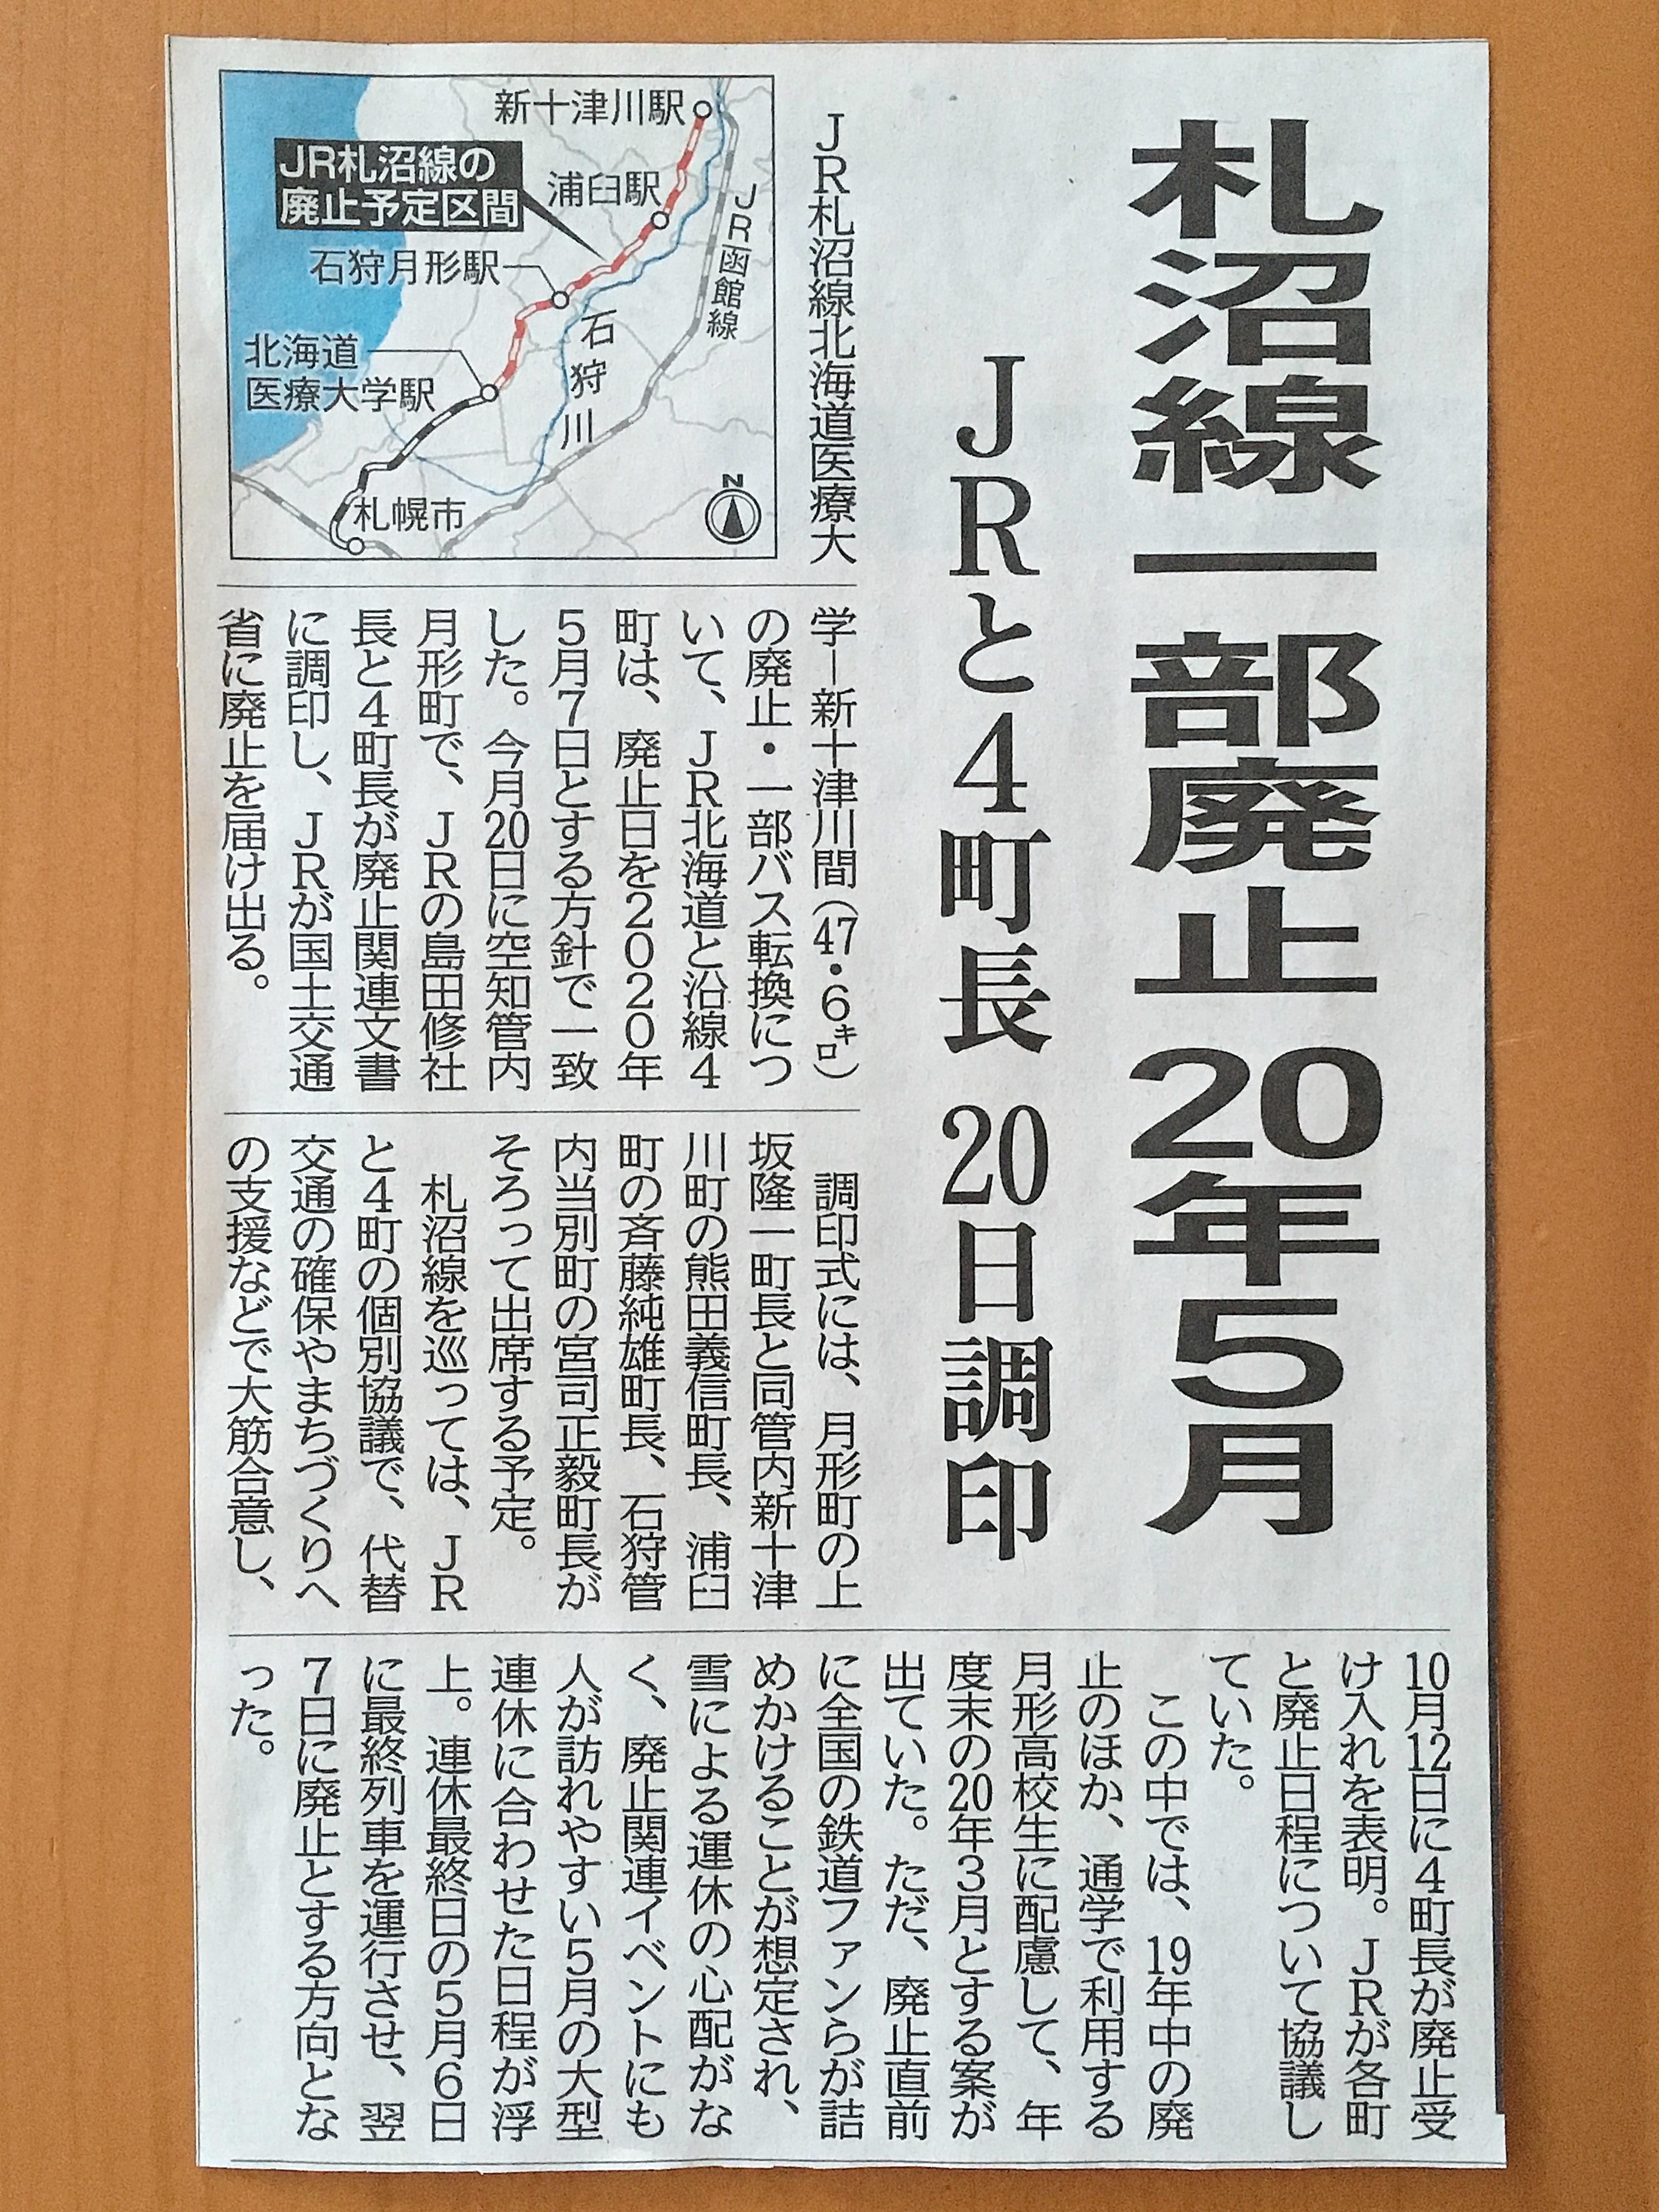 札沼線一部廃止予定日新聞記事 181208.JPG